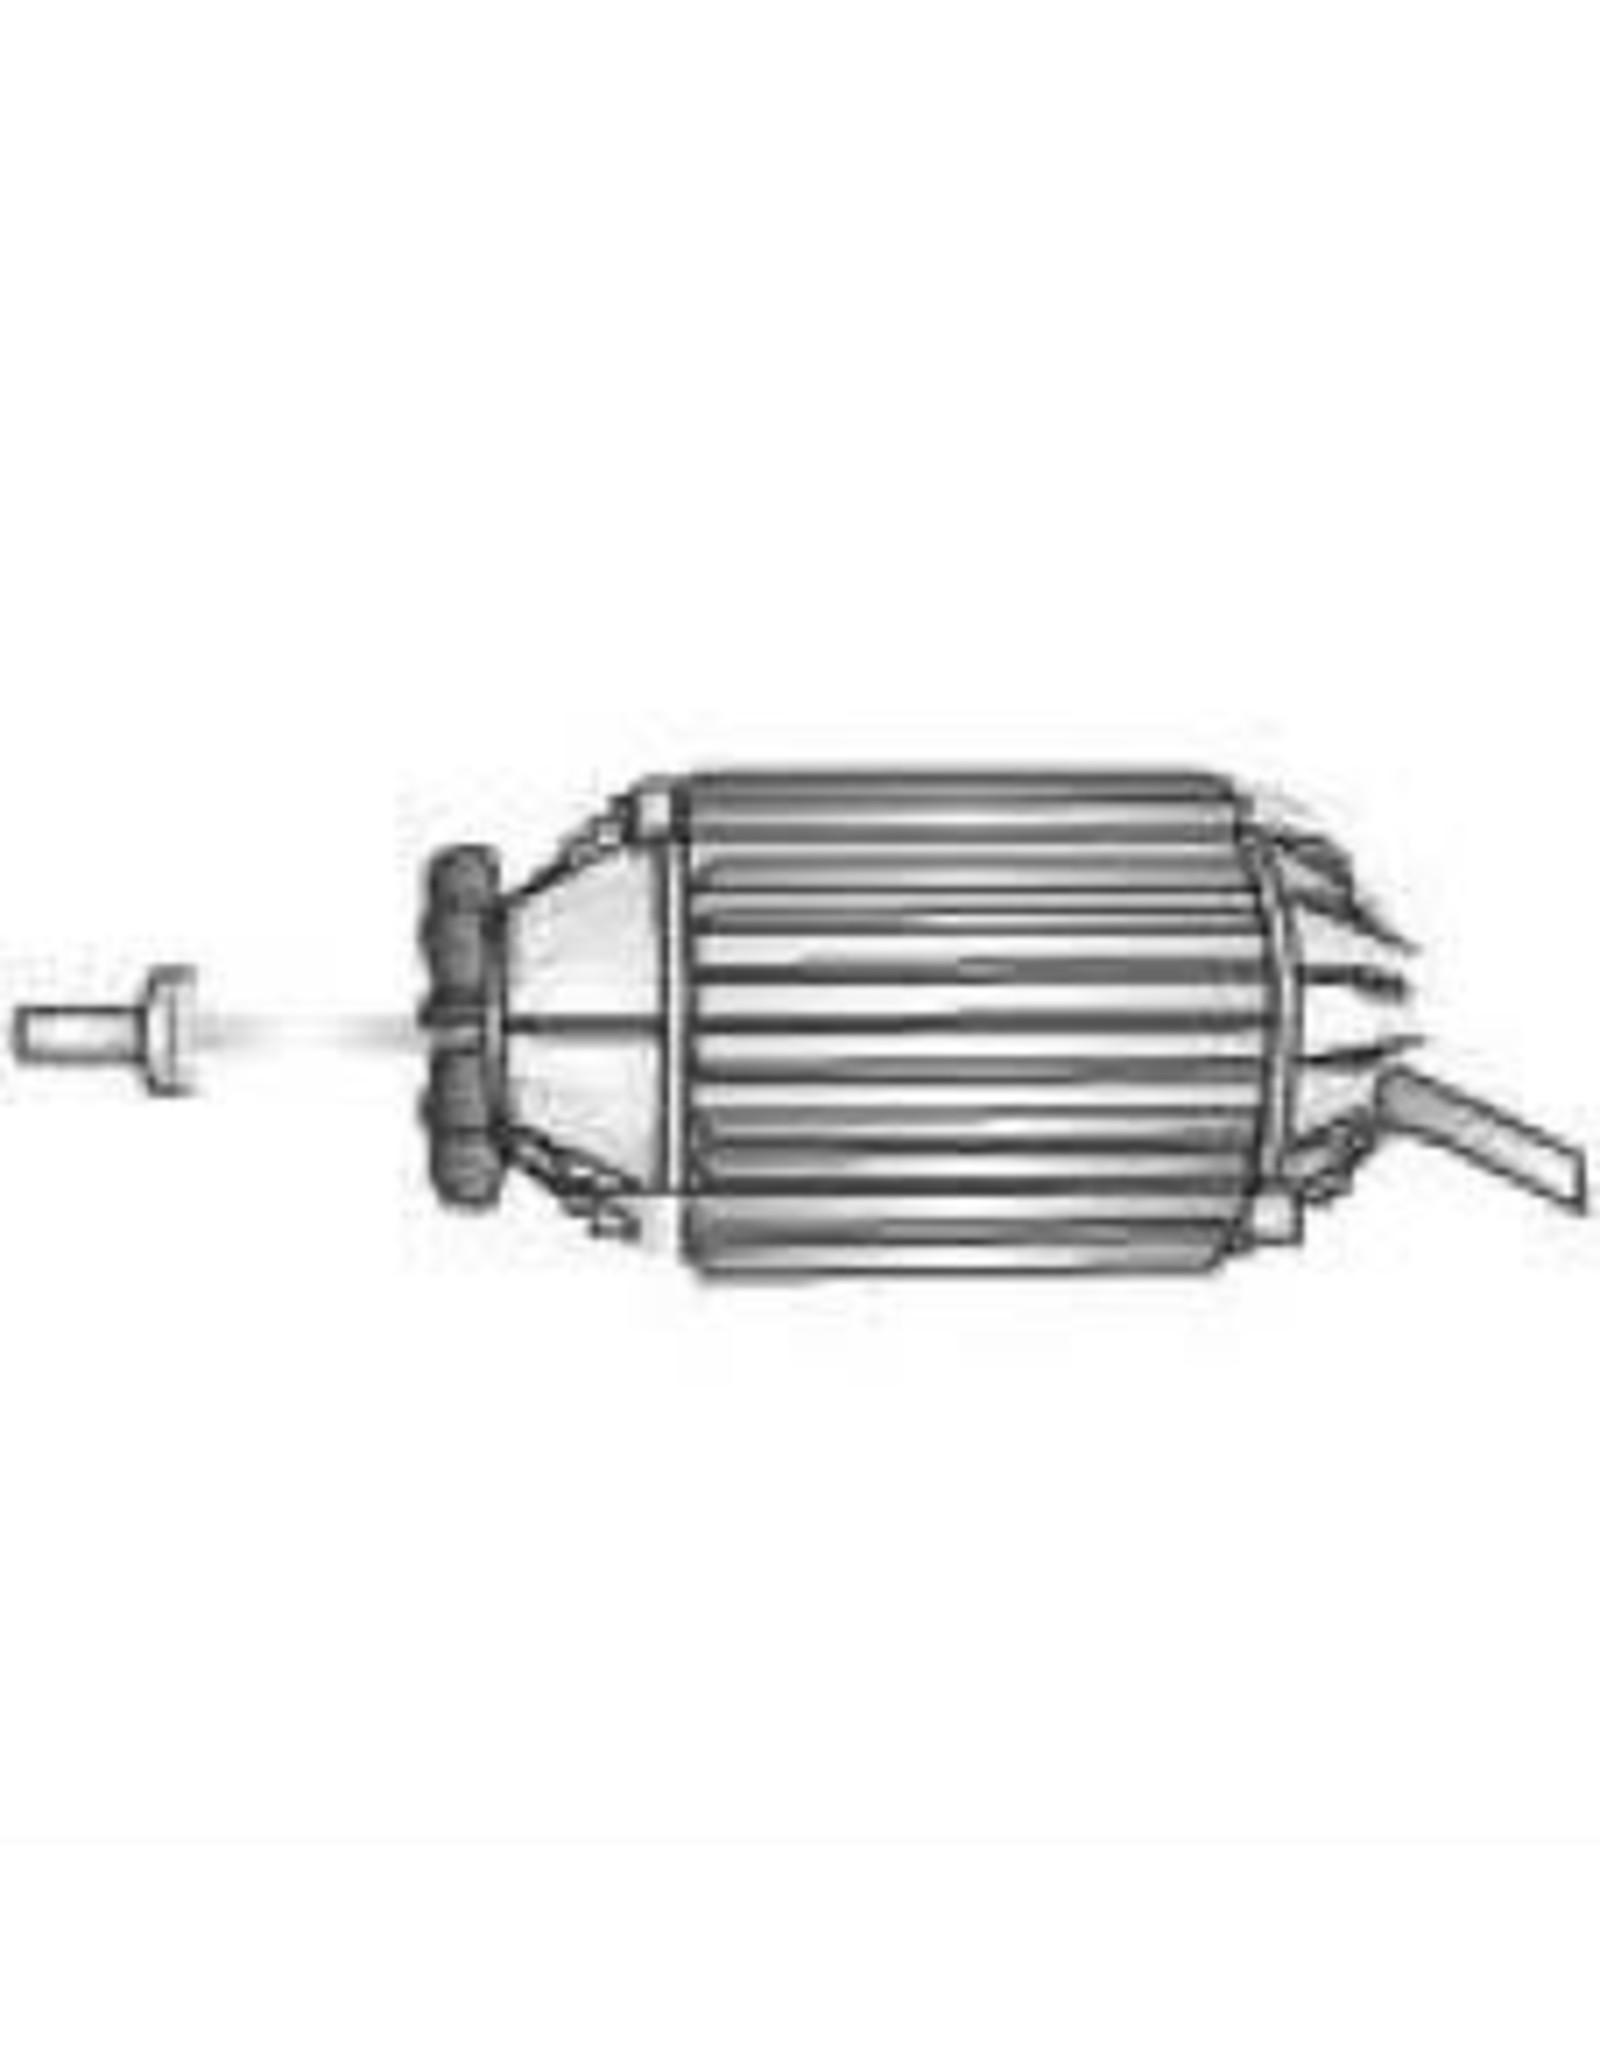 TM4 Motor